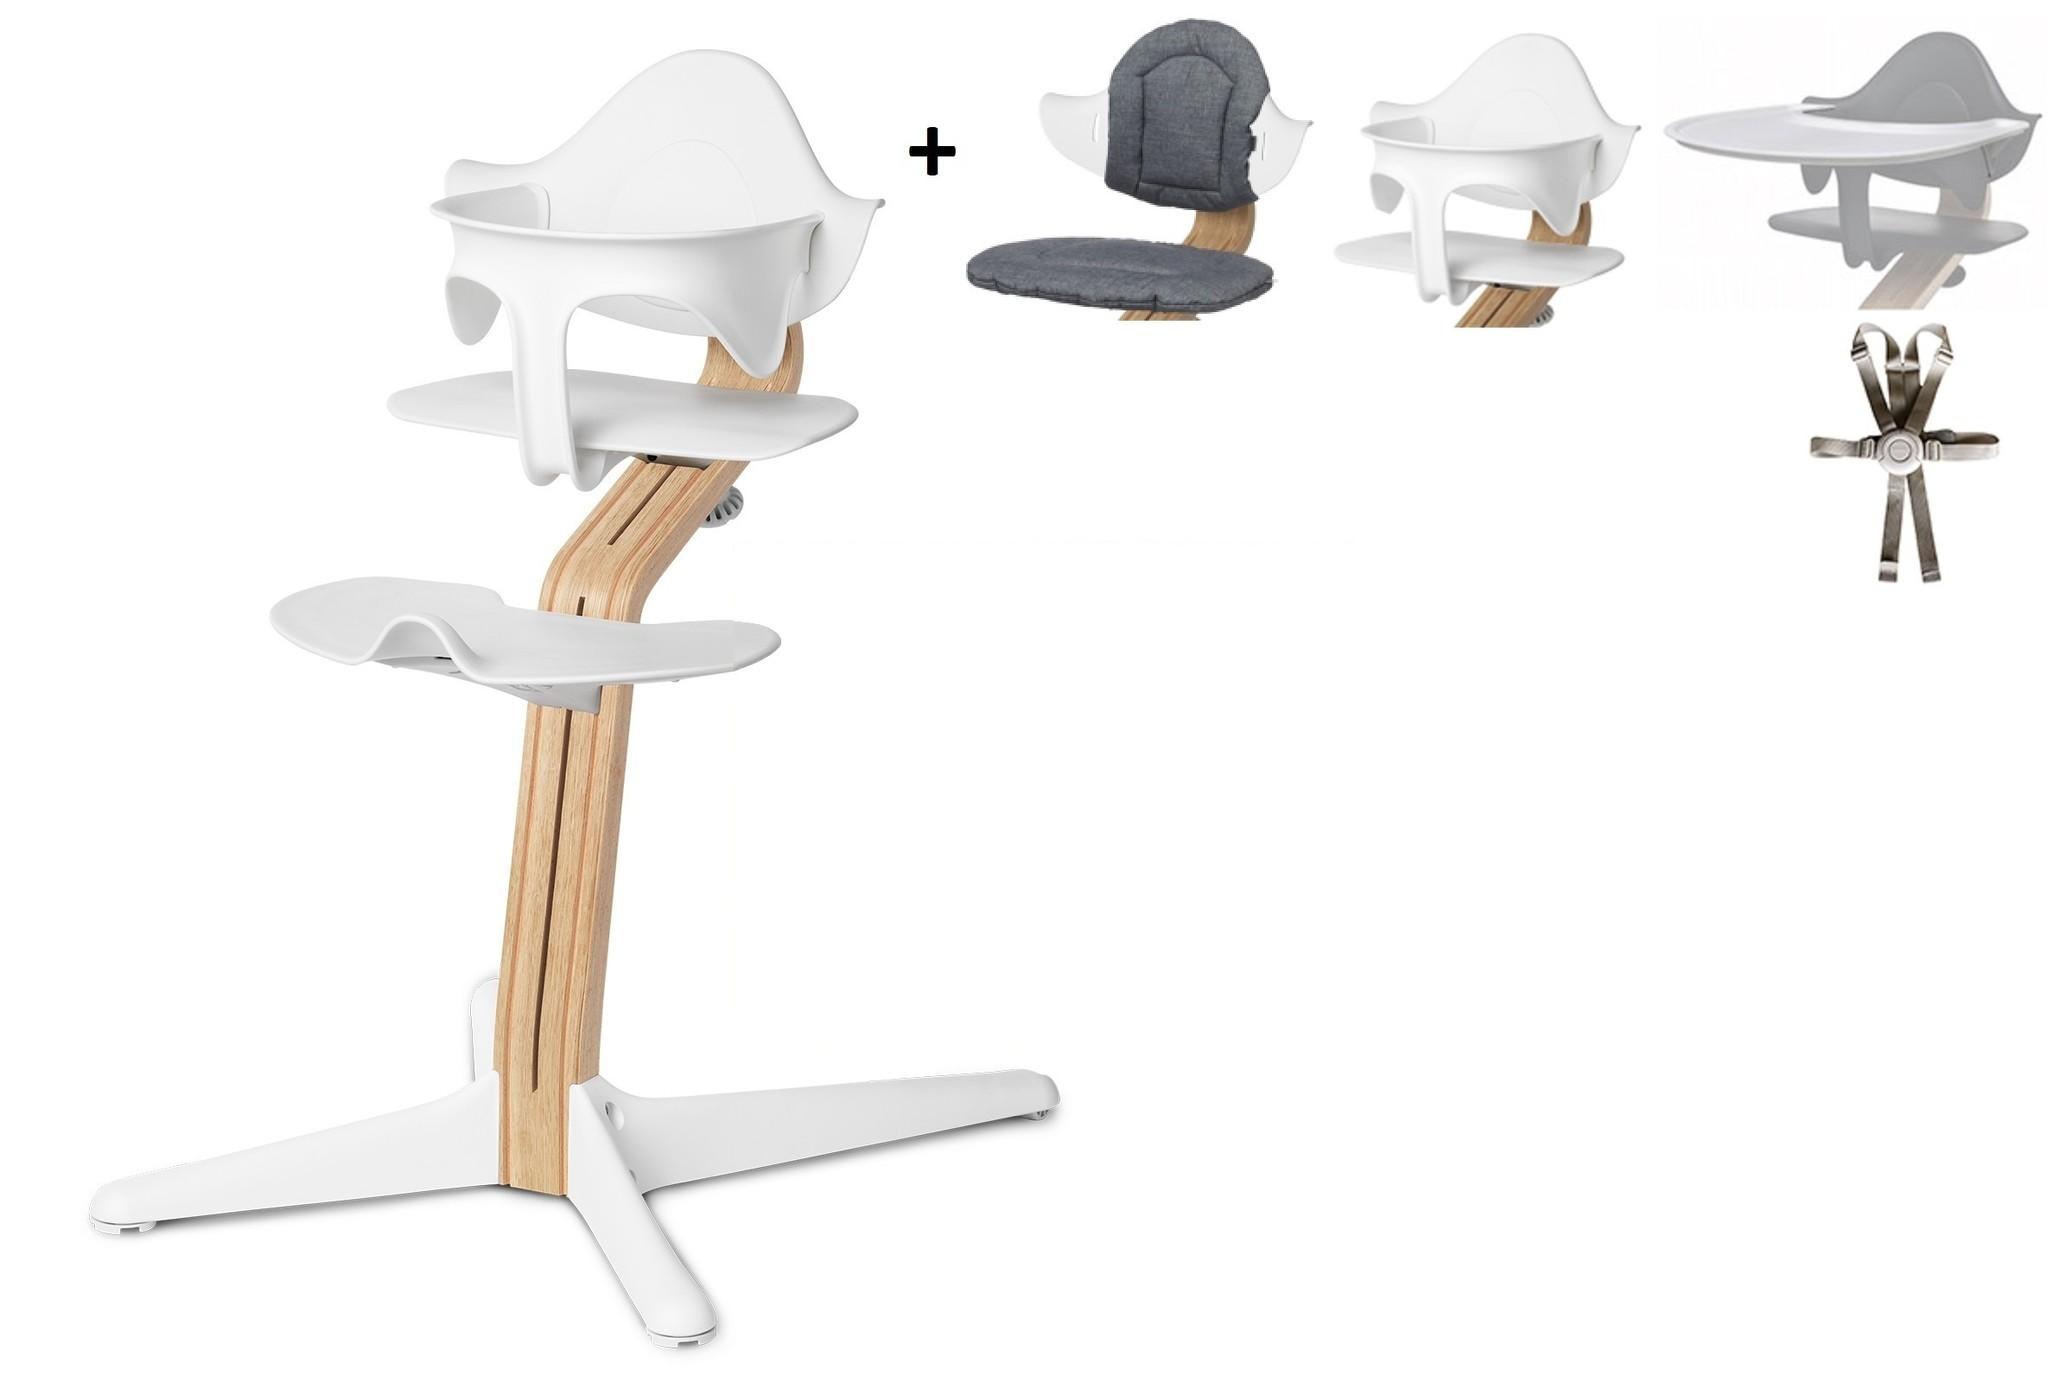 NOMI highchair Ideale set vanaf 6 maanden Basis eiken wit oiled en stoel wit